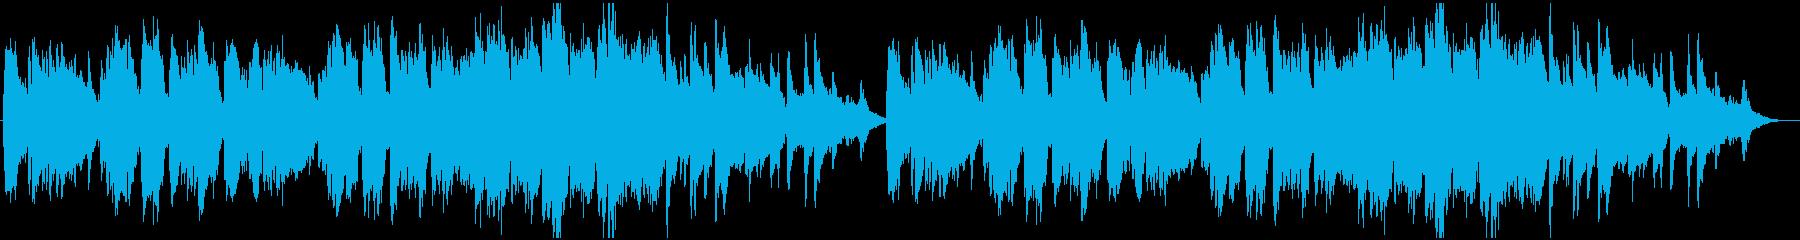 造語&チェレスタの切ない小曲の再生済みの波形